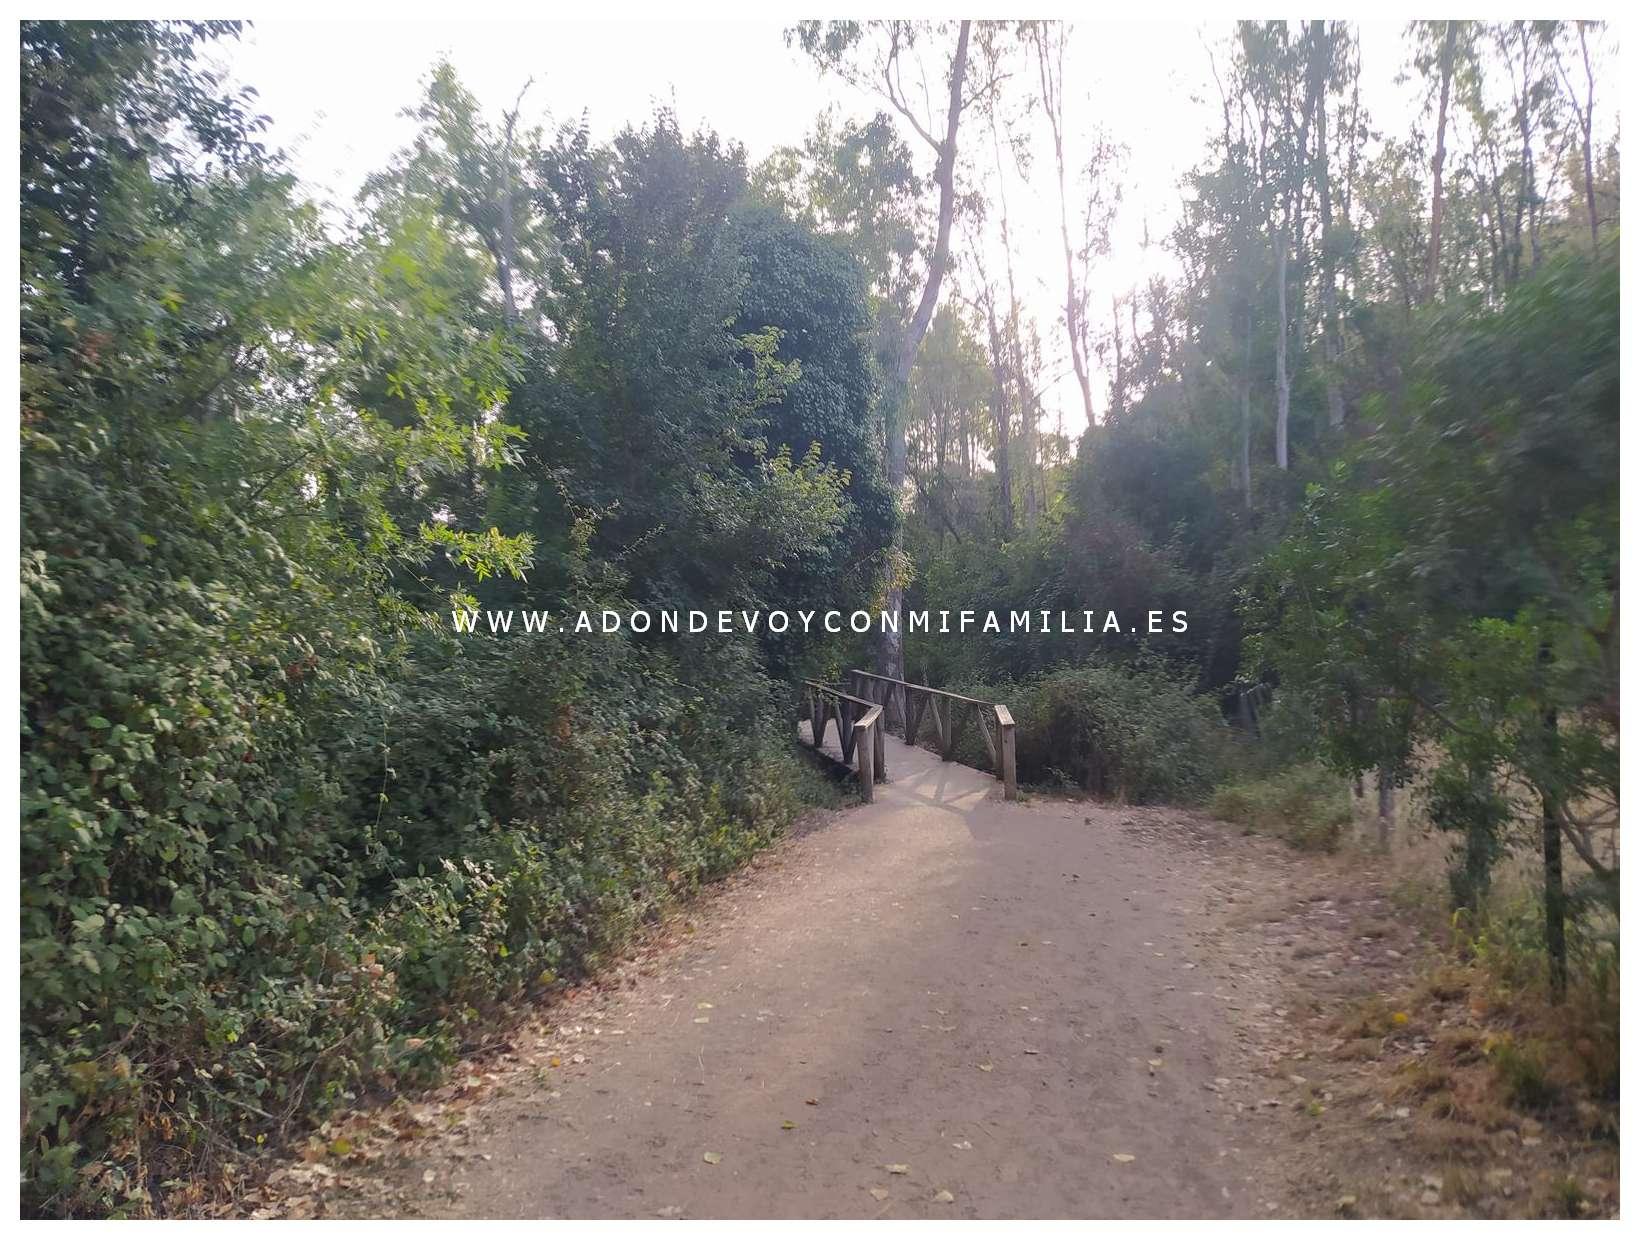 sendero rio majaceite adondevoyconmifamilia 23